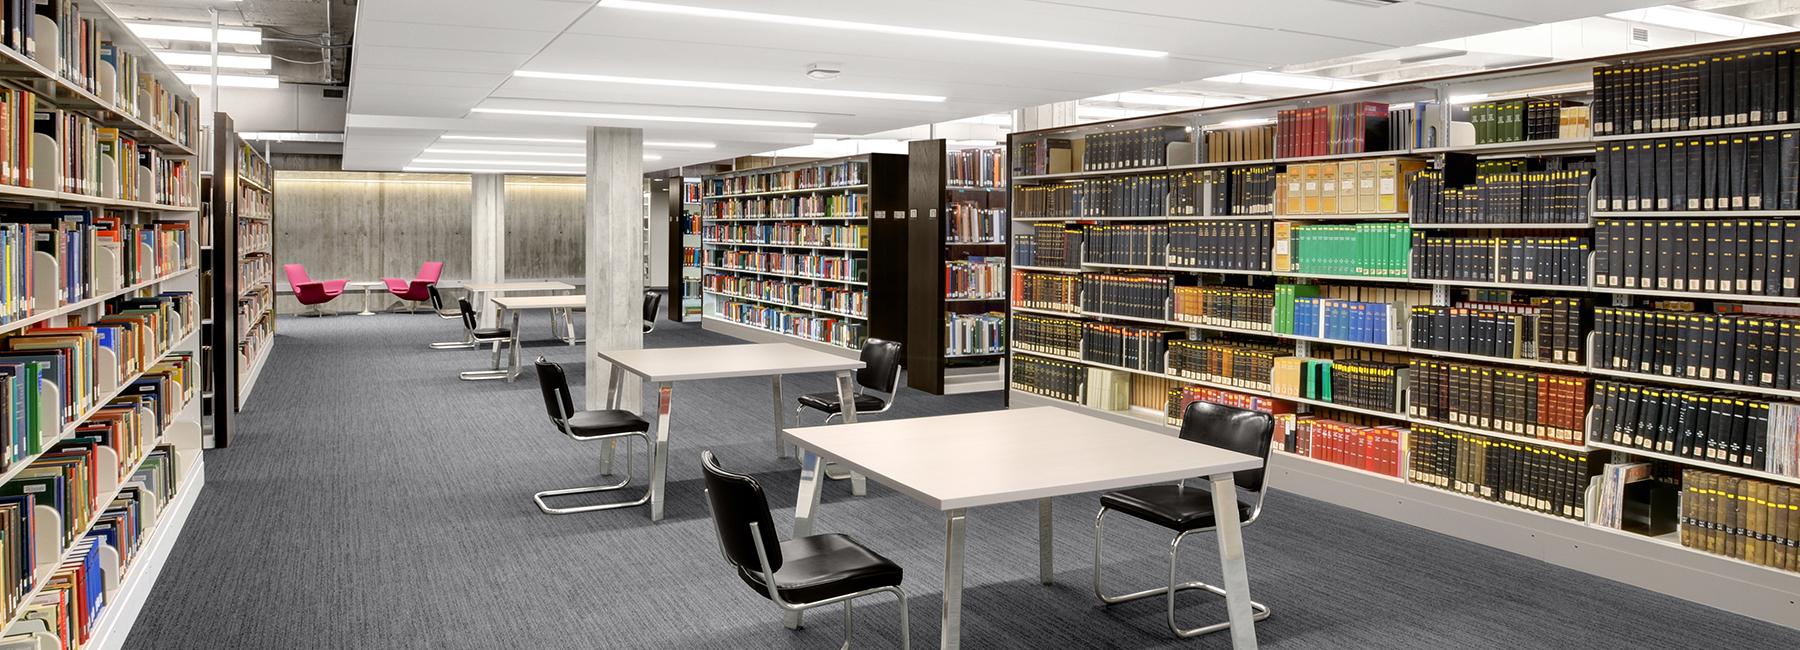 SJU, Alcuin Library